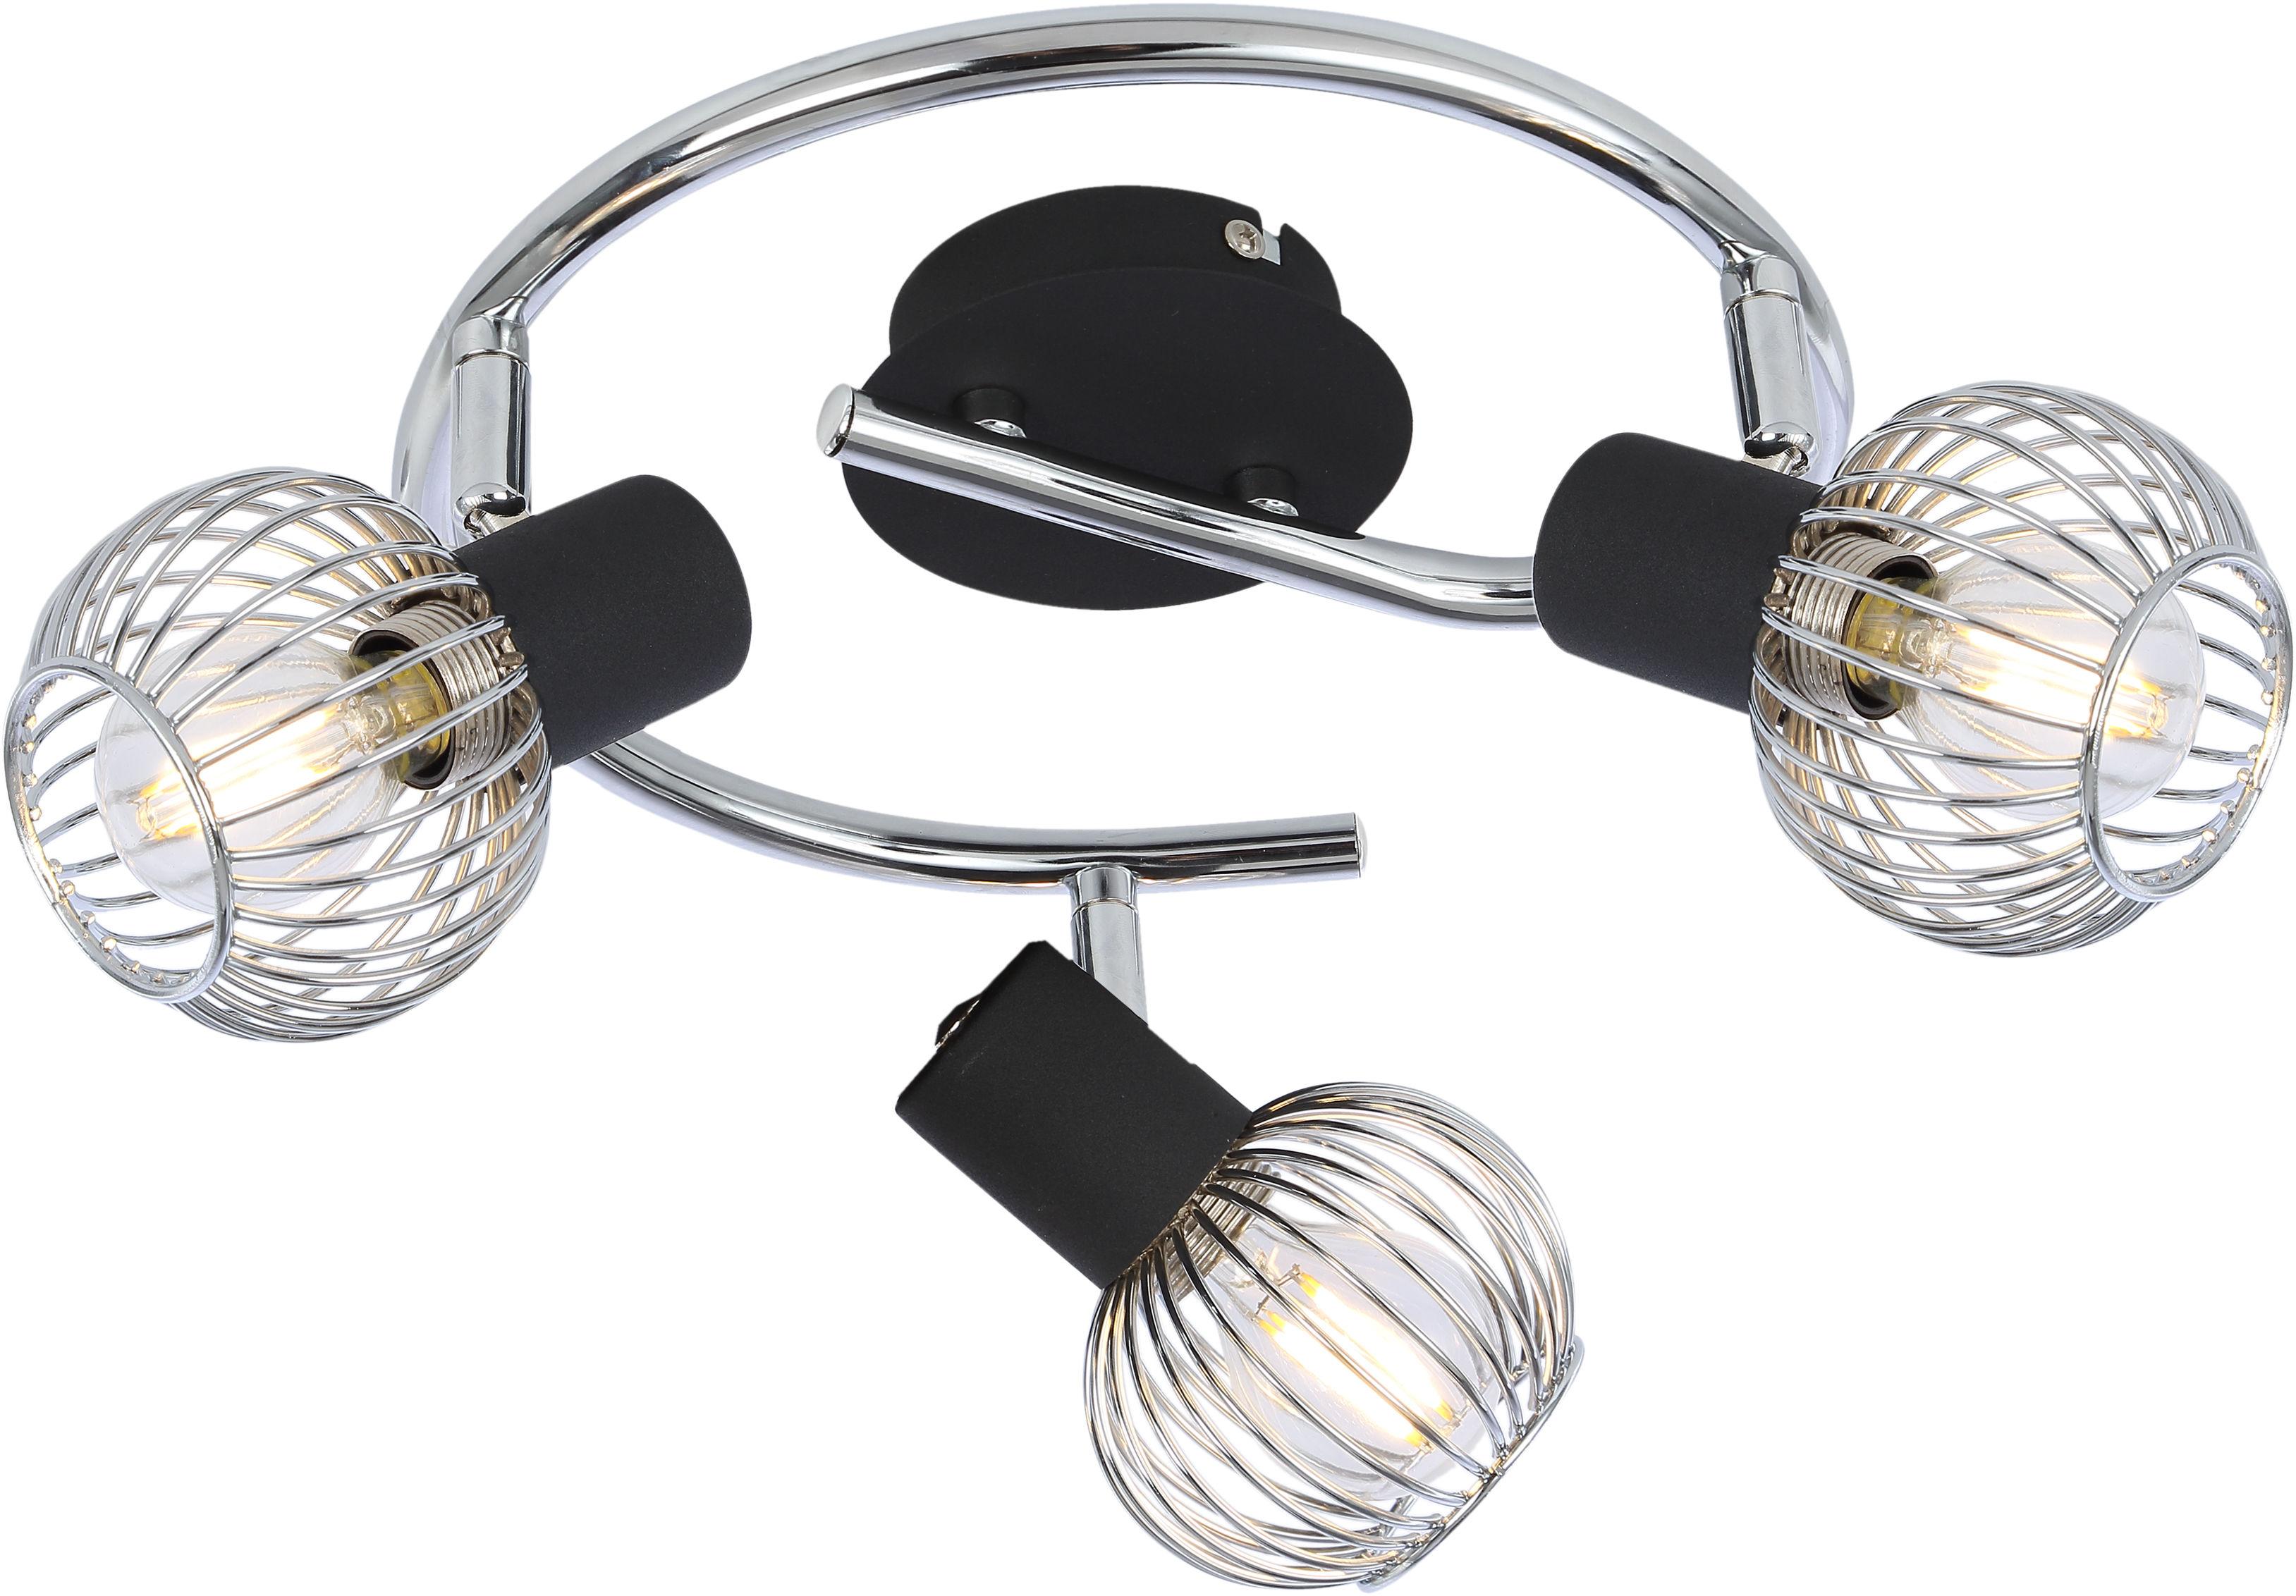 Candellux OSLO 98-61867 plafon lampa sufitowa czarny+chrom regulacja klosza 3X40W E14 42cm